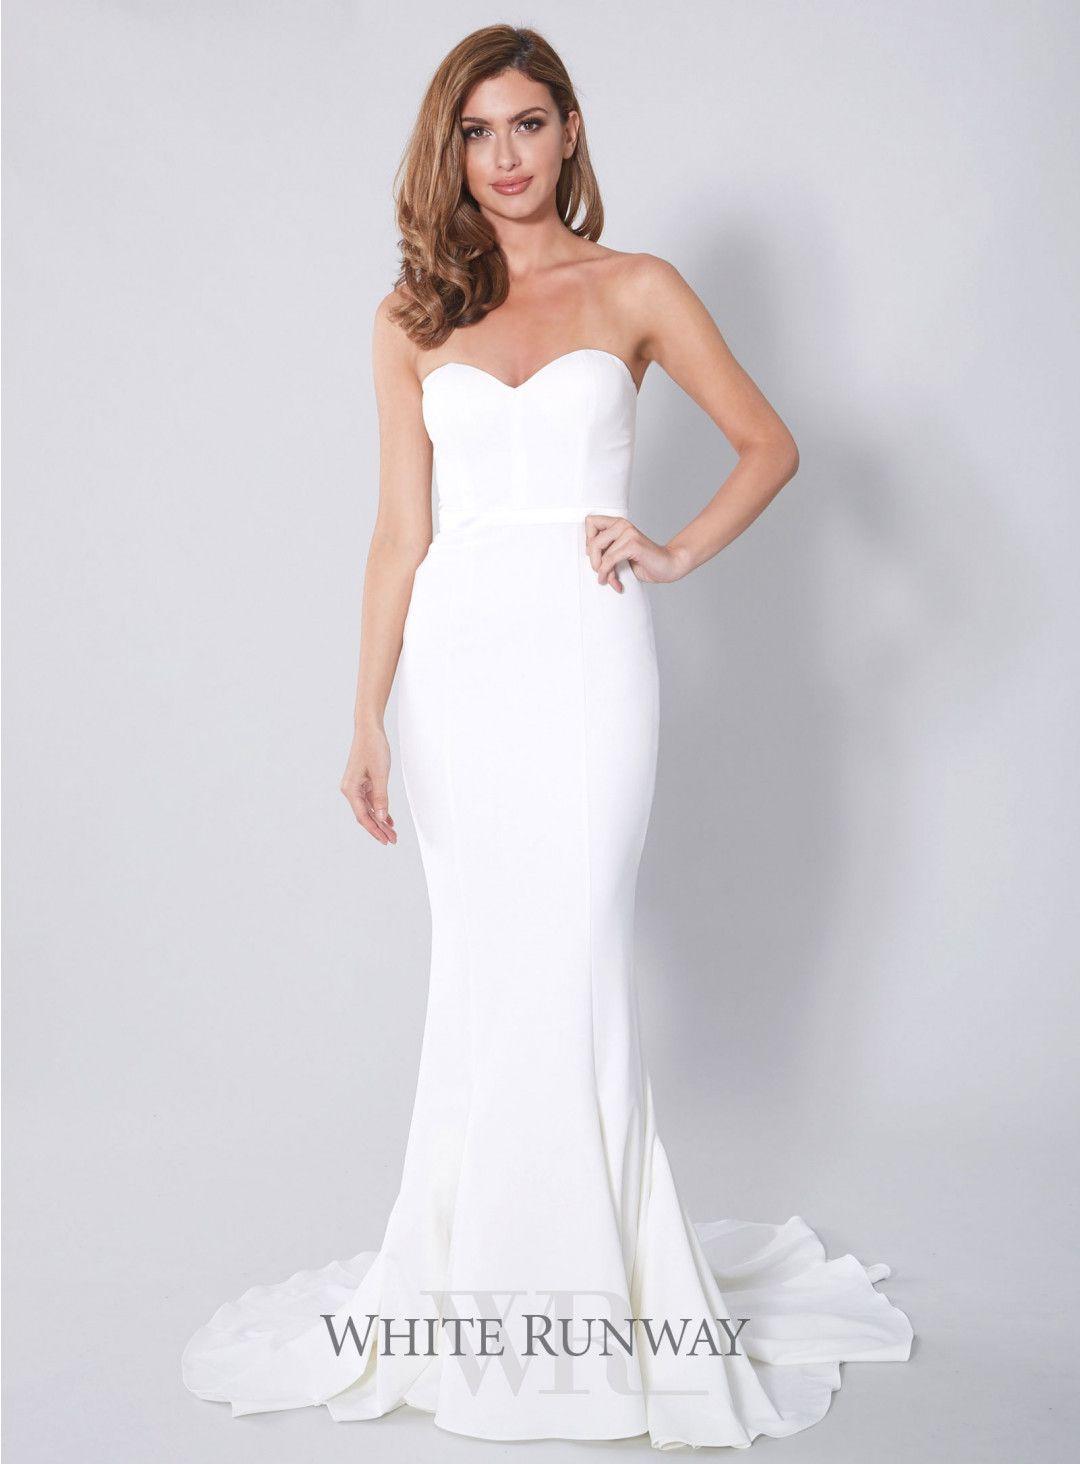 White arianna dress i do love you pinterest dresses prom